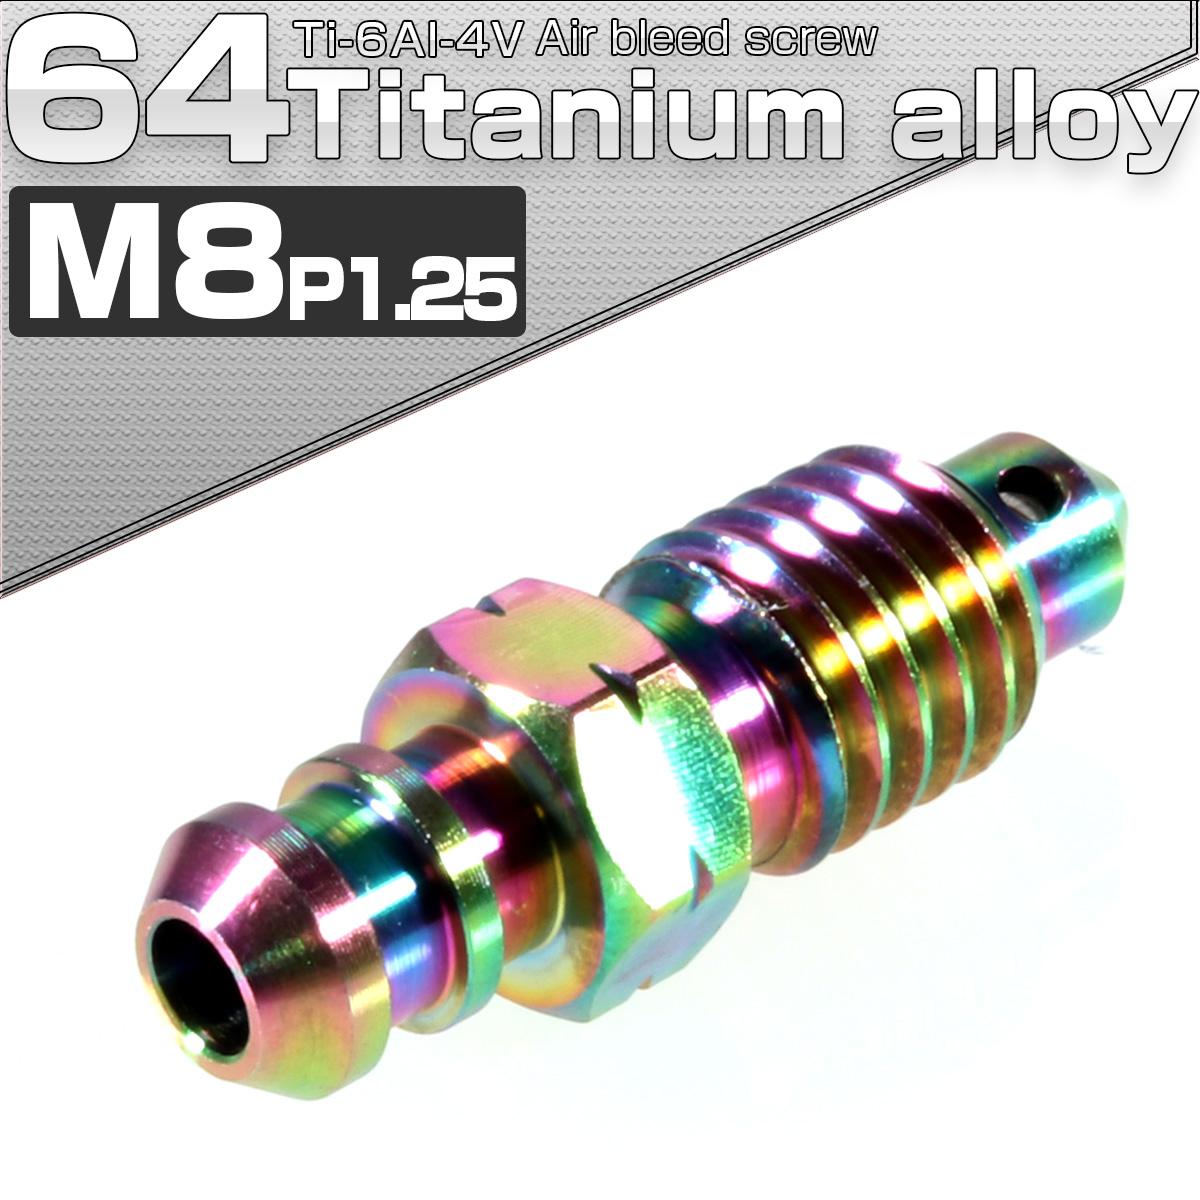 64チタン エアブリード スクリュー M8 P1.25 レインボー エアブリーダー バルブ JA085